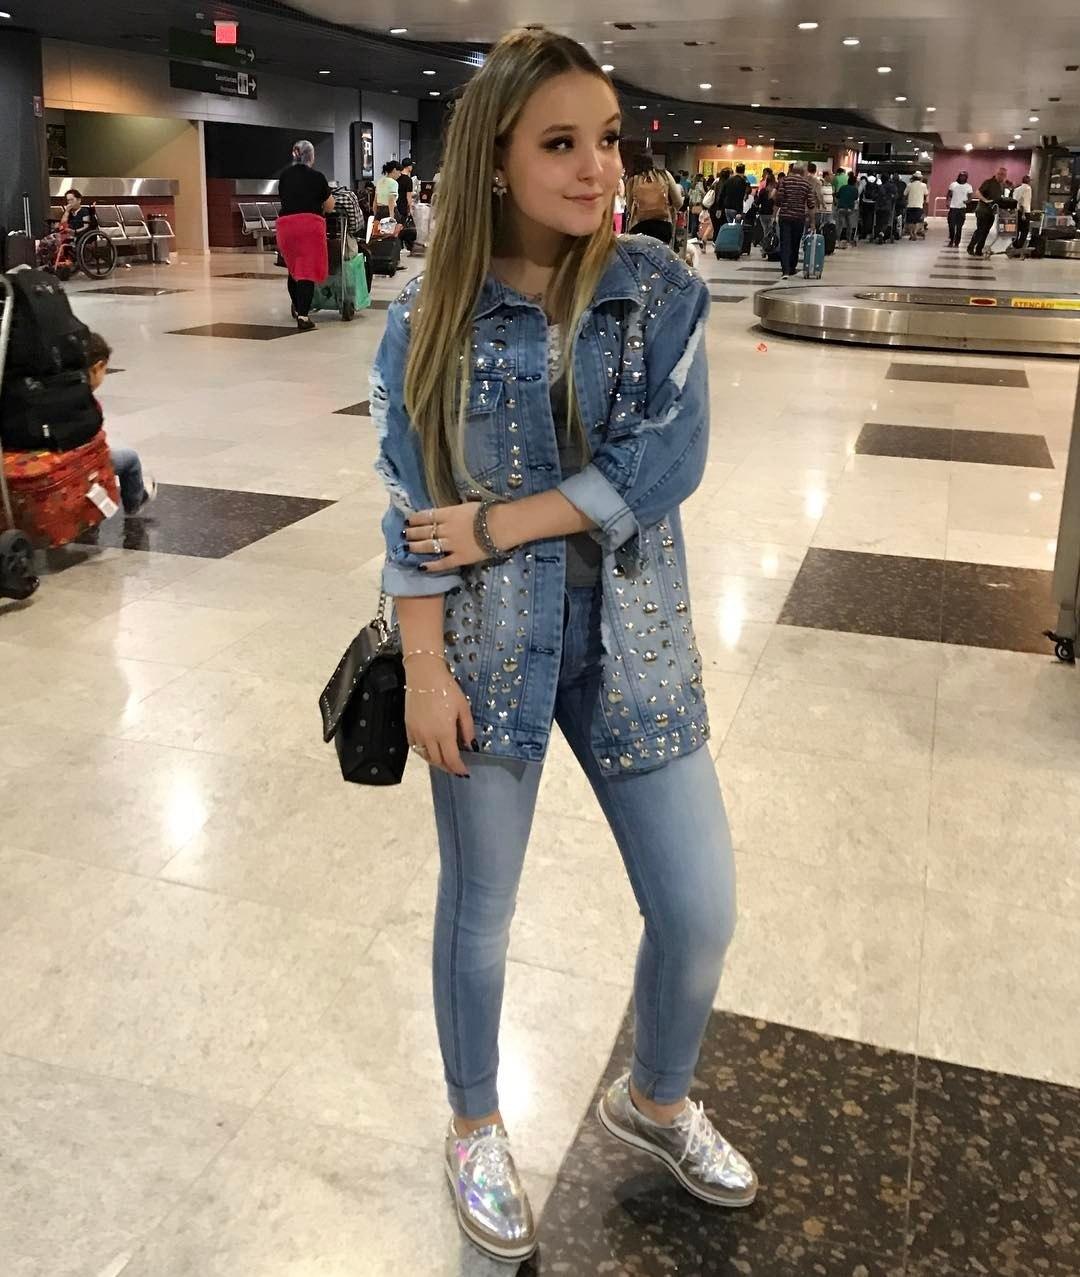 O estilo de Larissa Manoela  30 looks da atriz para você se inspirar -  Fotos - R7 Moda 614c7ef3fe